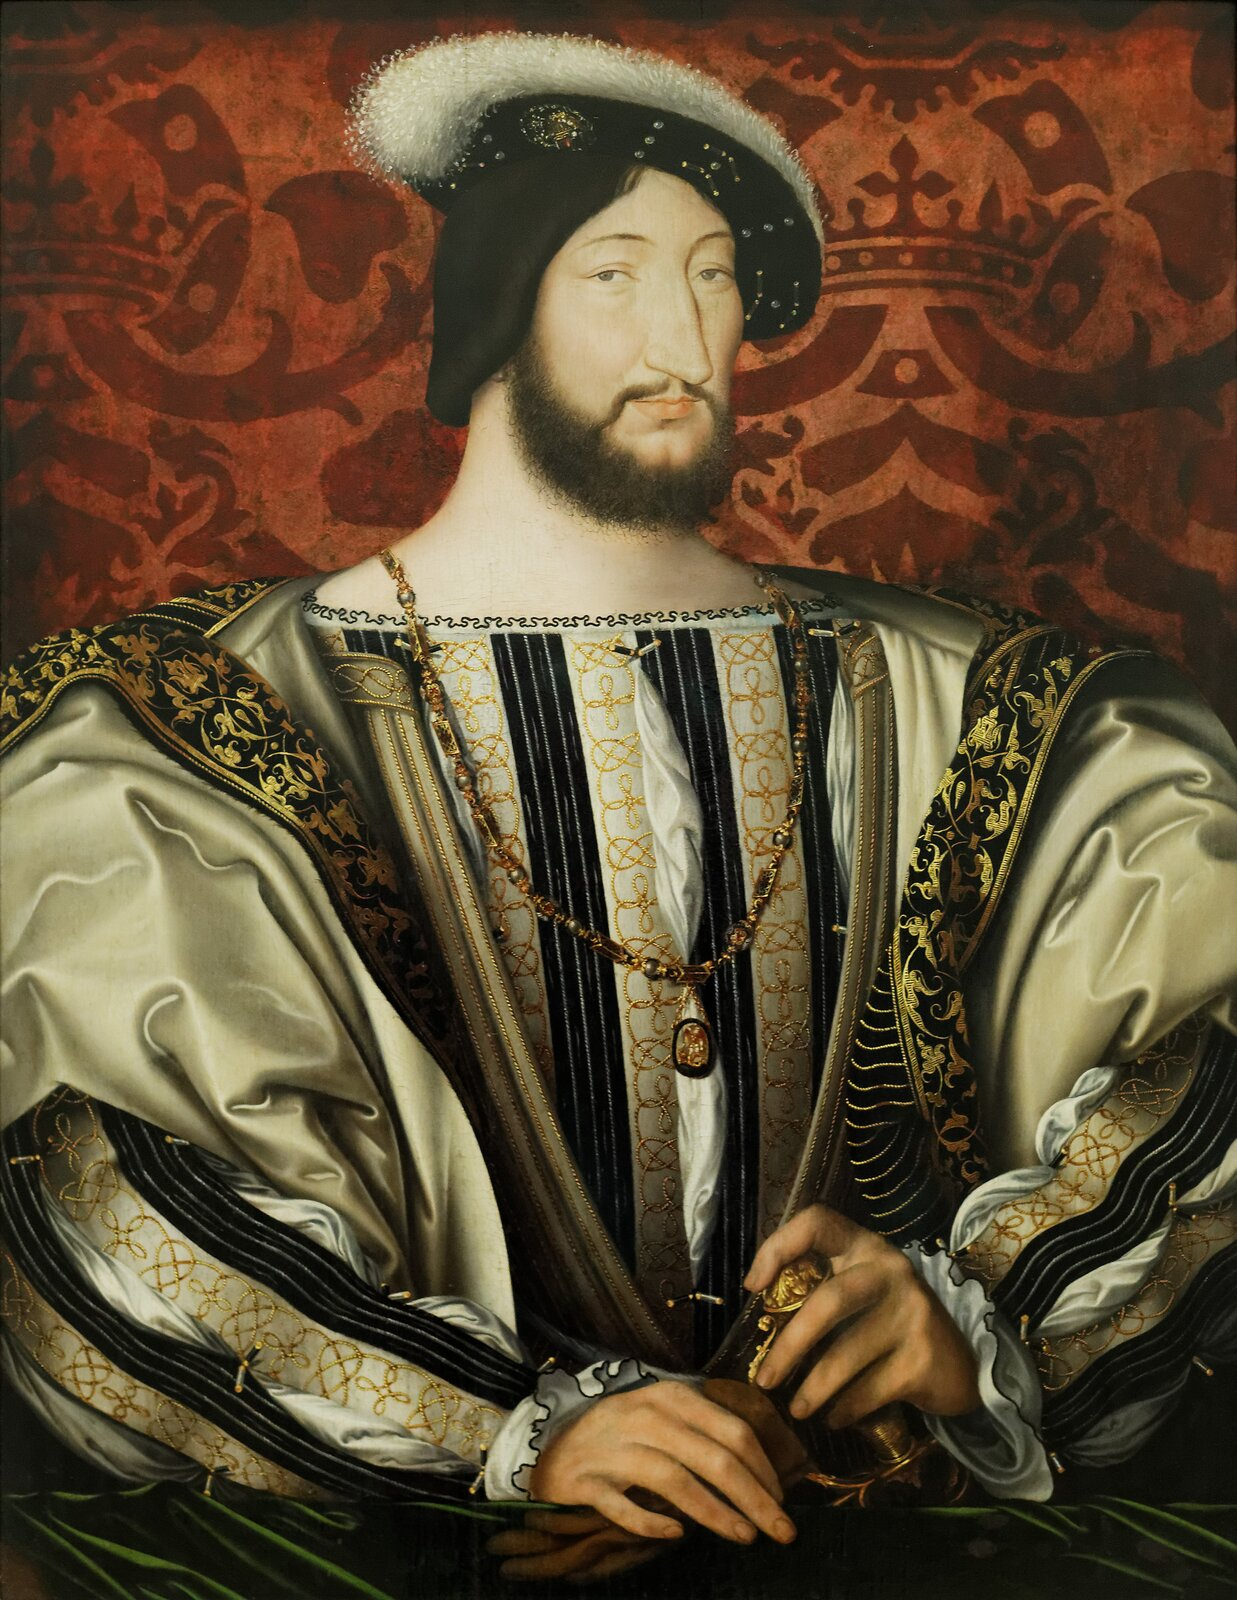 Franciszek I, król Francji Źródło: Jean Clouet, Franciszek I, król Francji, 1530, olej na dębie, Luwr, domena publiczna.